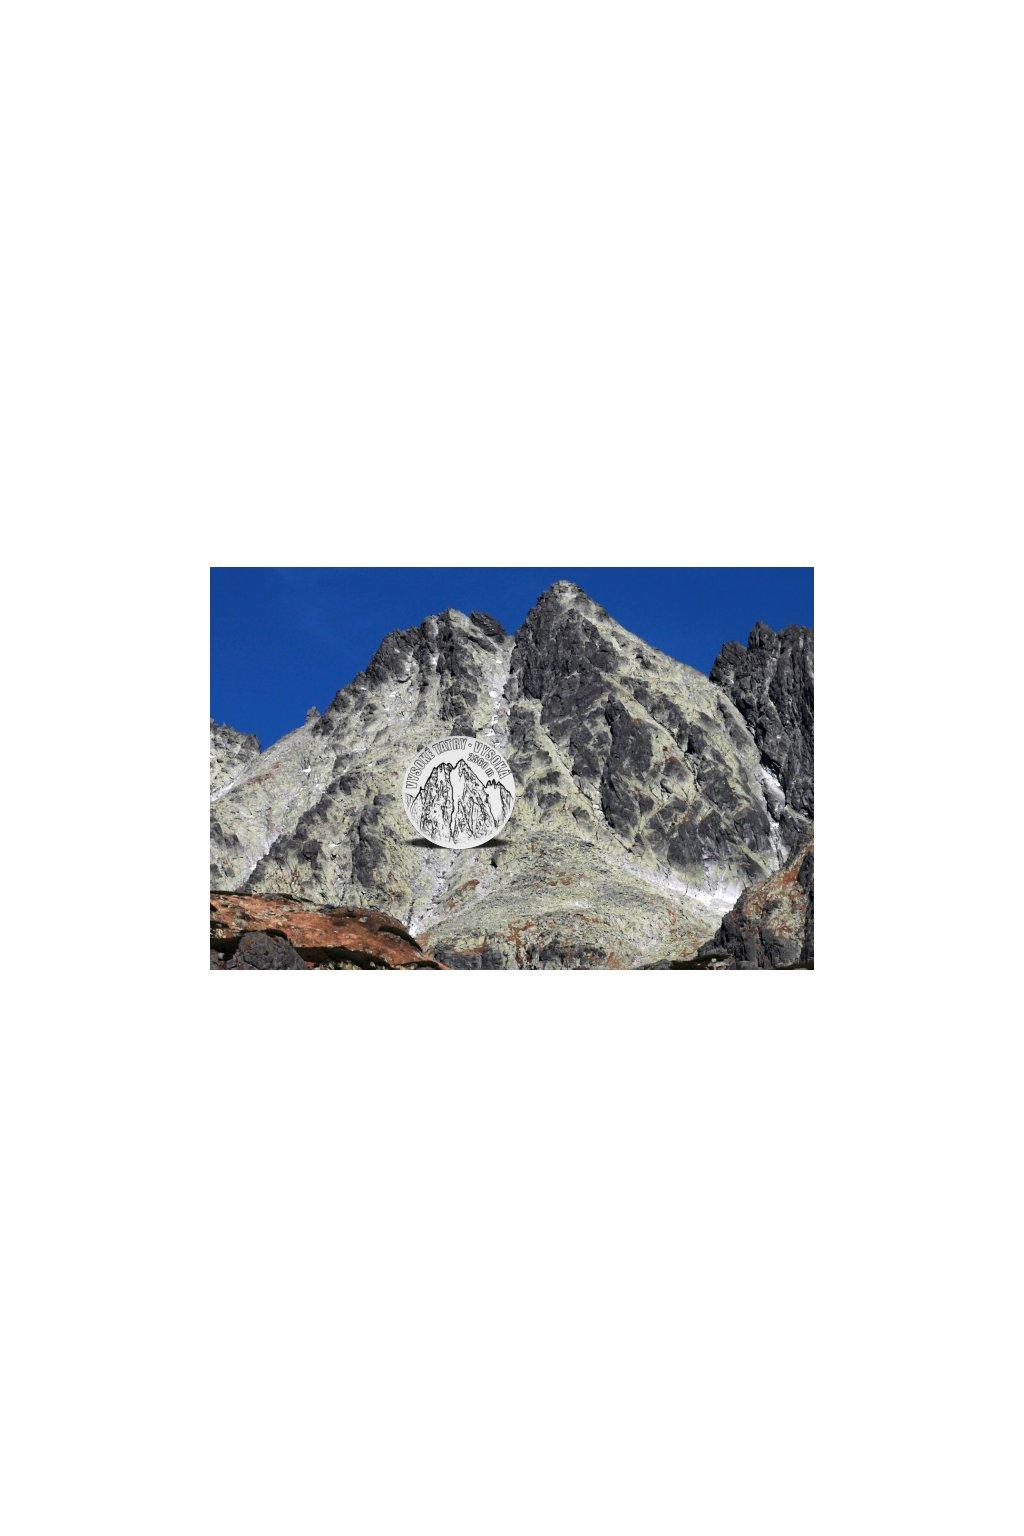 2920013 Vysoké Tatry Vysoká 2560 m